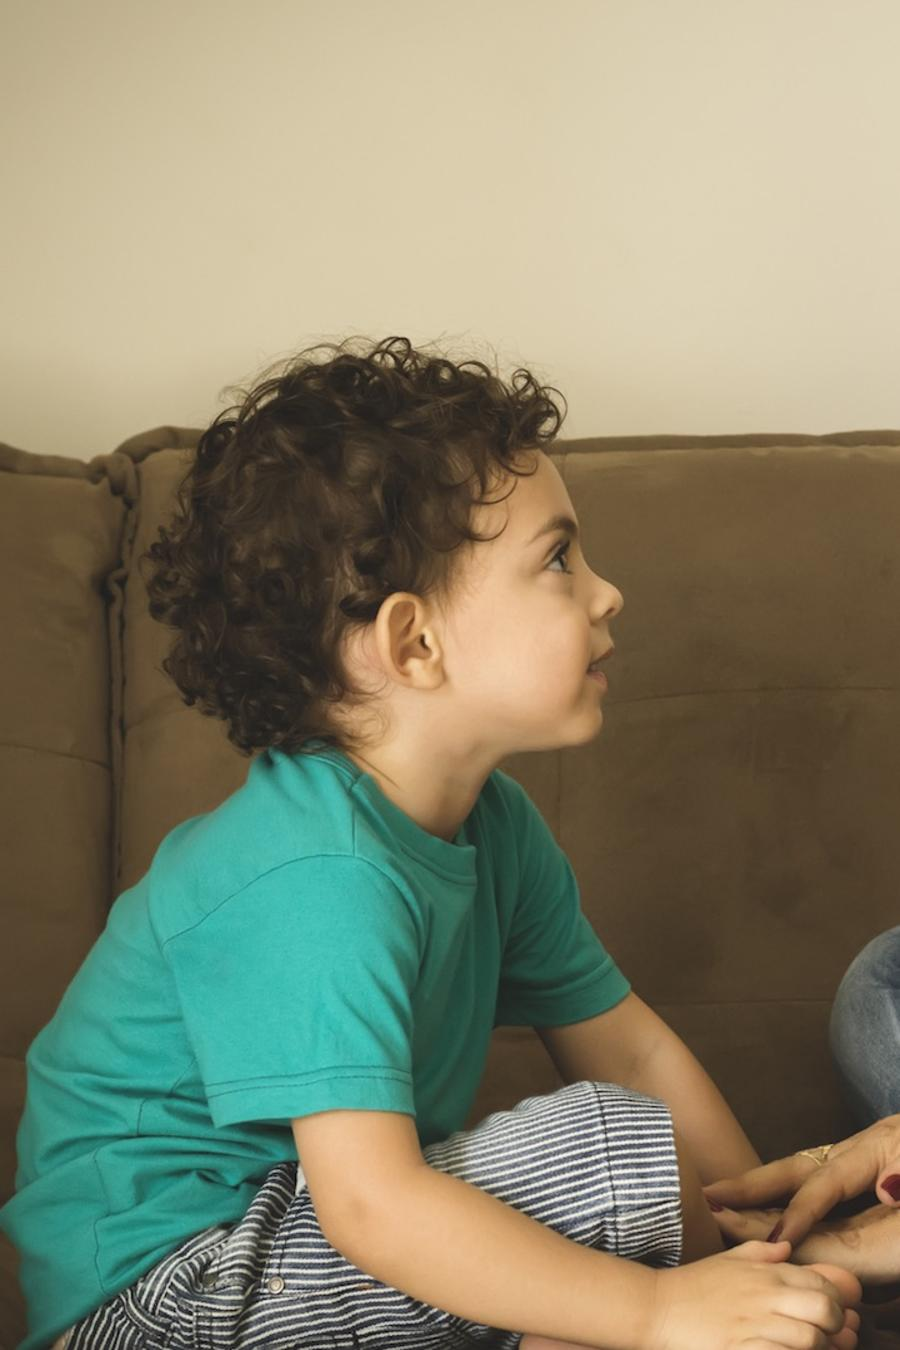 Madre e hijo hablando en el sofá